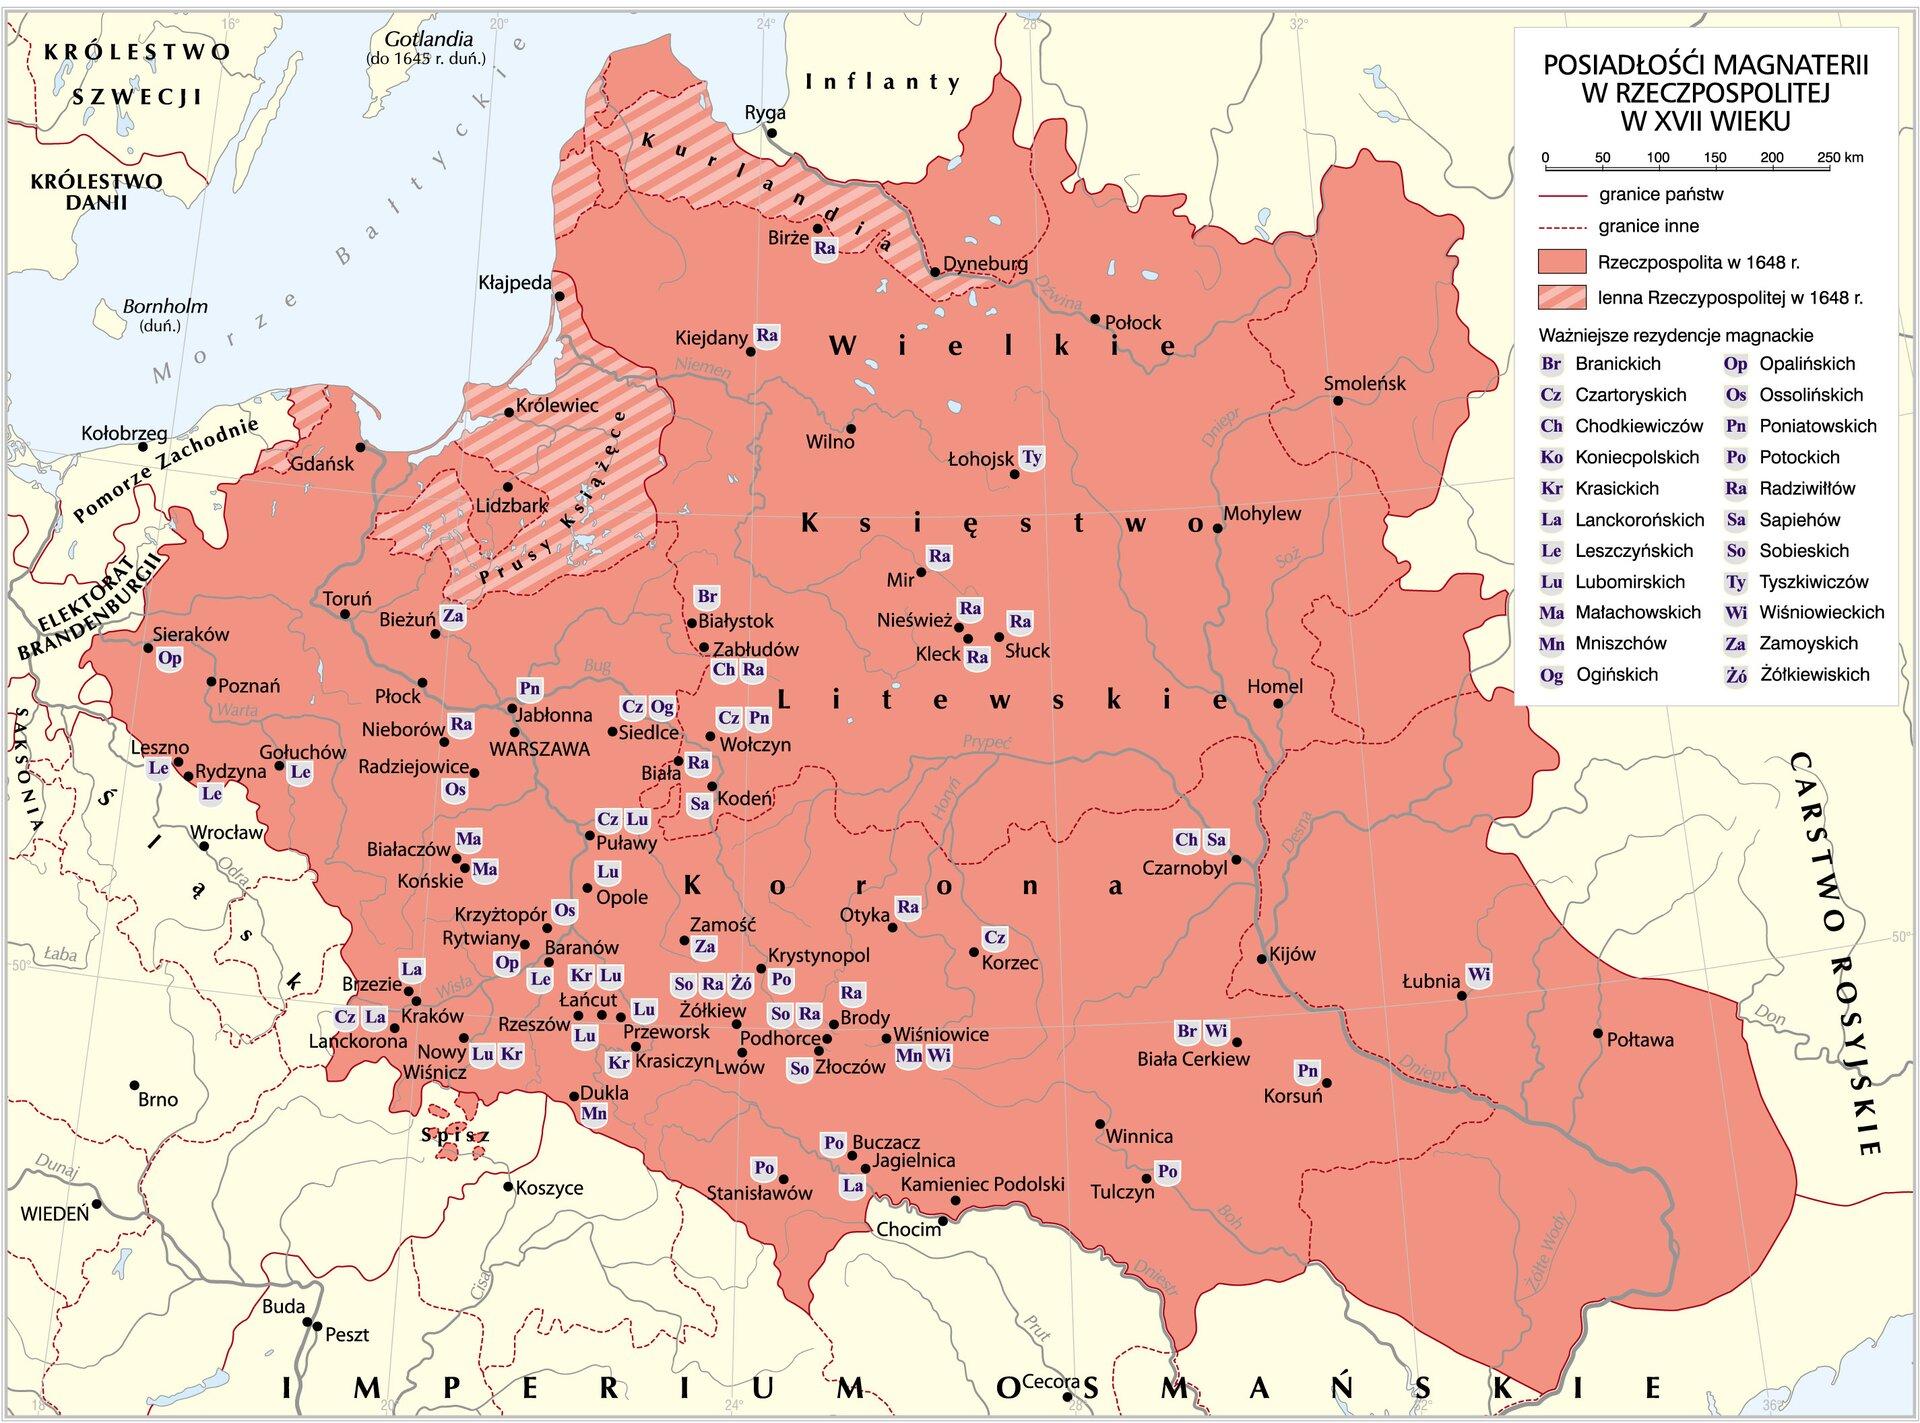 Posiadłości polskich magnatów wXVI-XVII wieku Posiadłości polskich magnatów wXVI-XVII wieku Źródło: Krystian Chariza izespół, licencja: CC BY-SA 3.0.